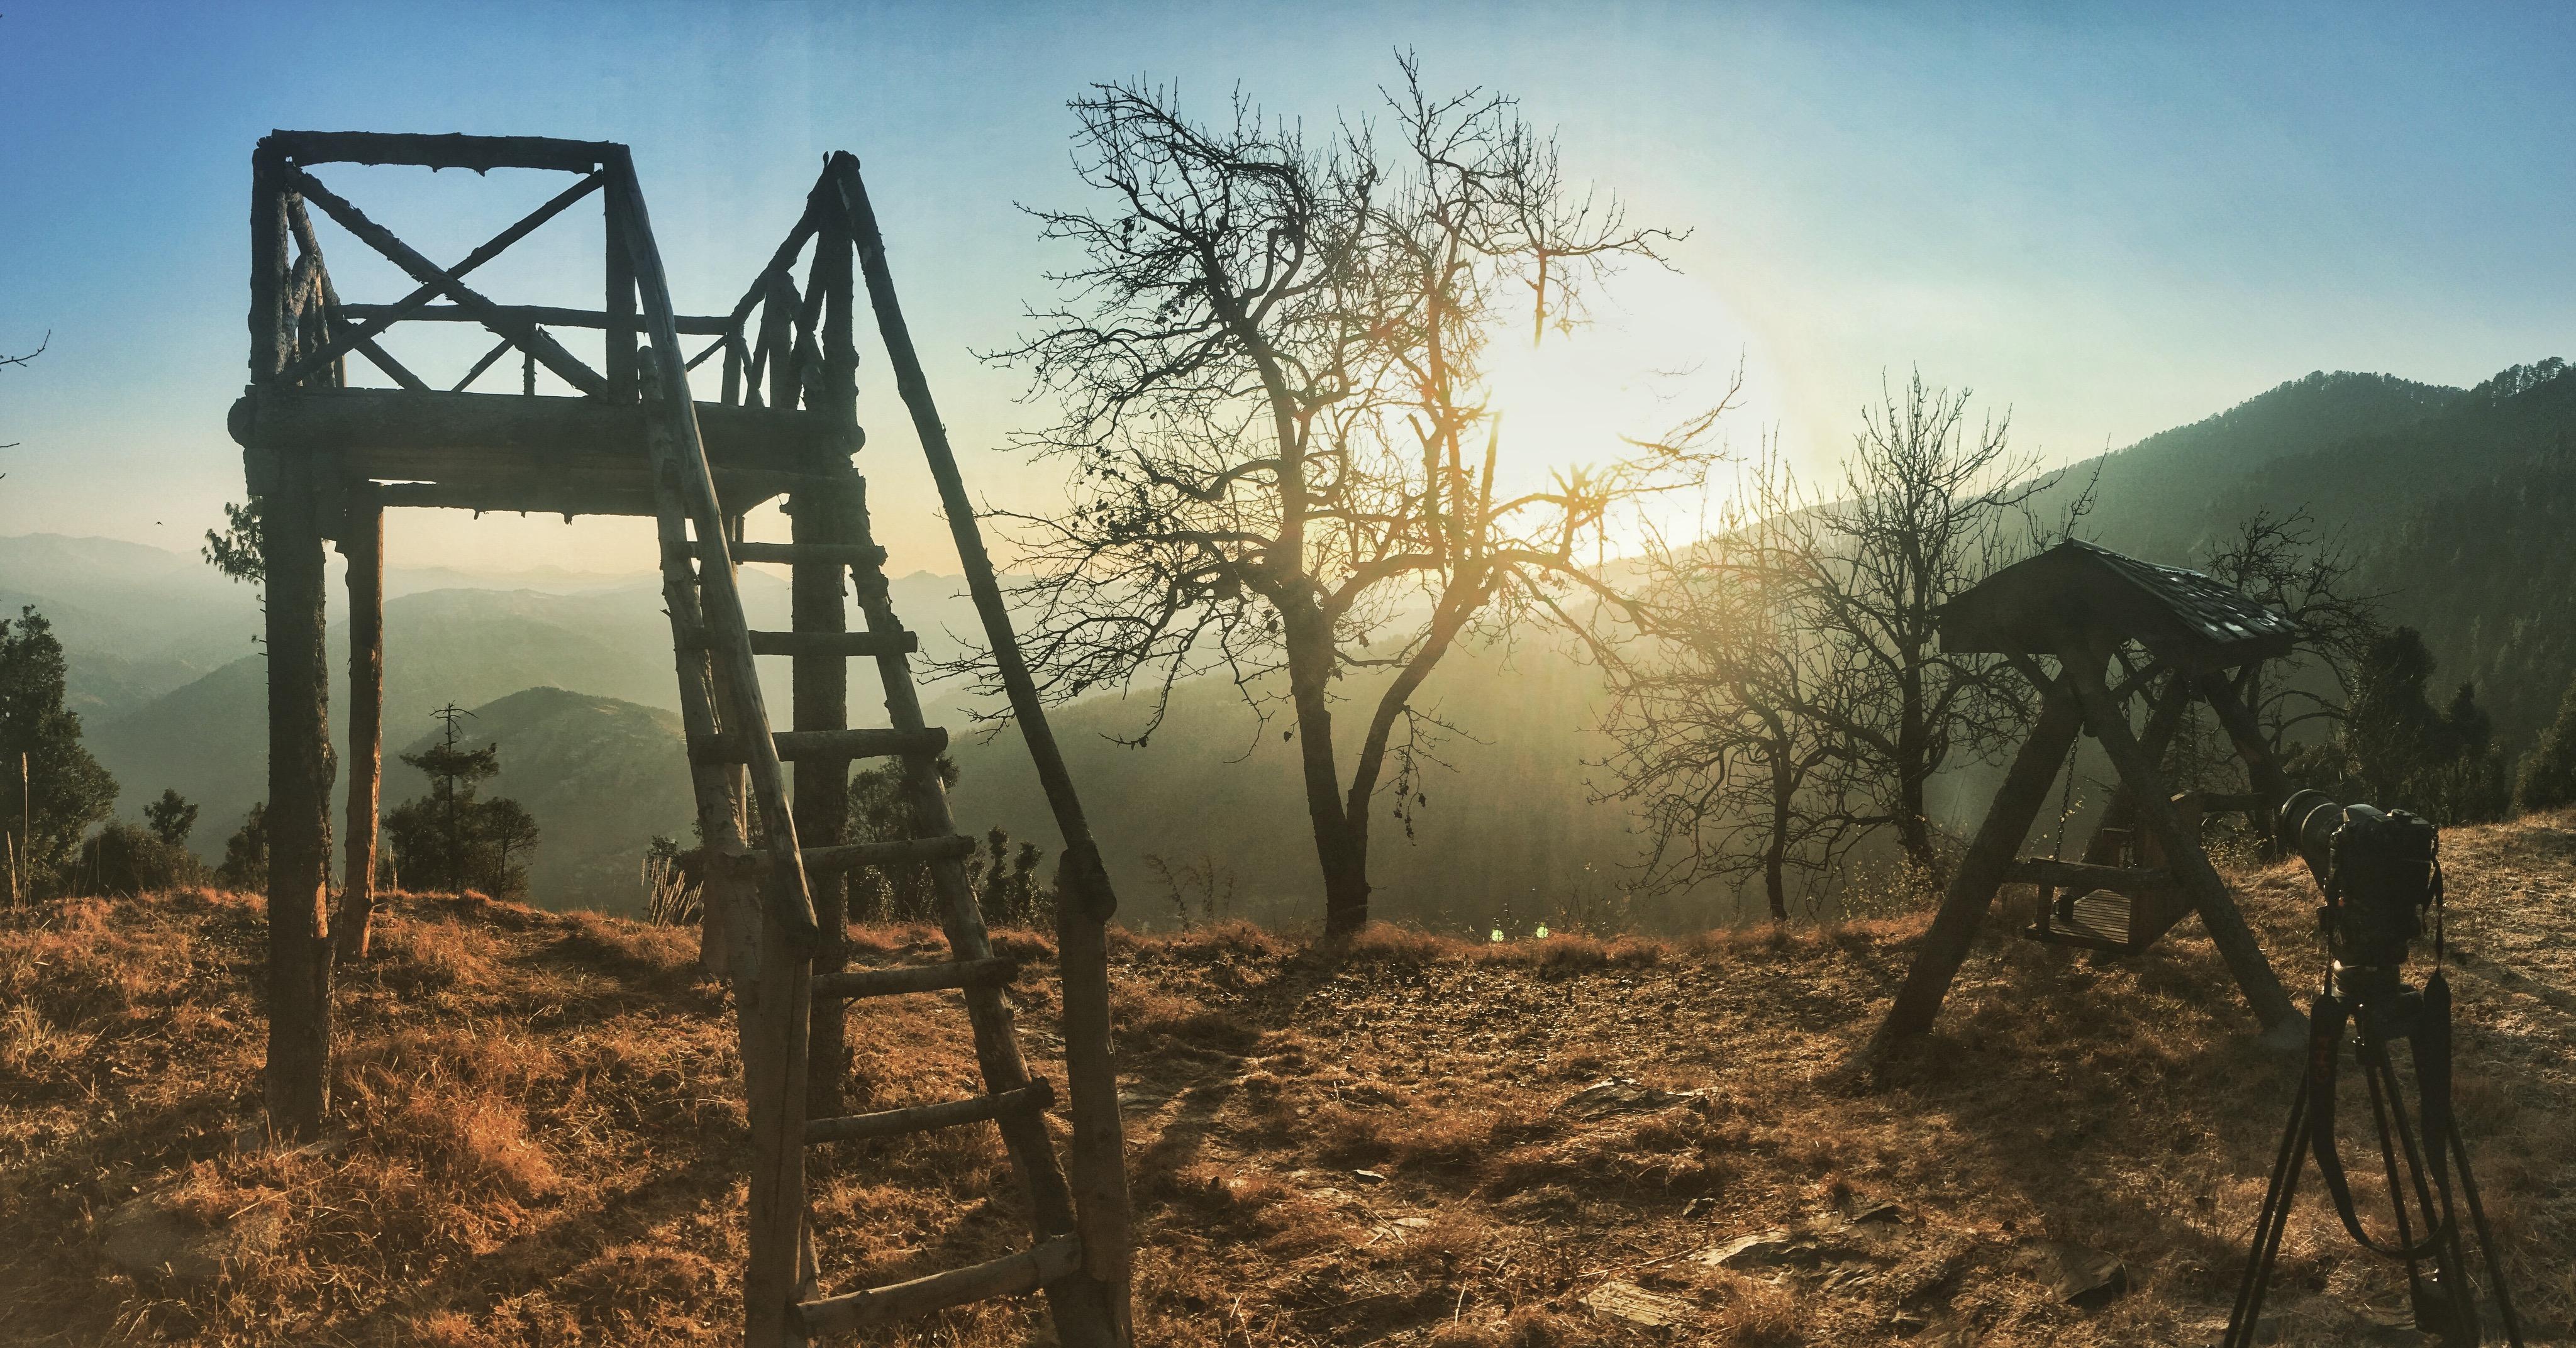 #sunrise #timelapse #openroadindia